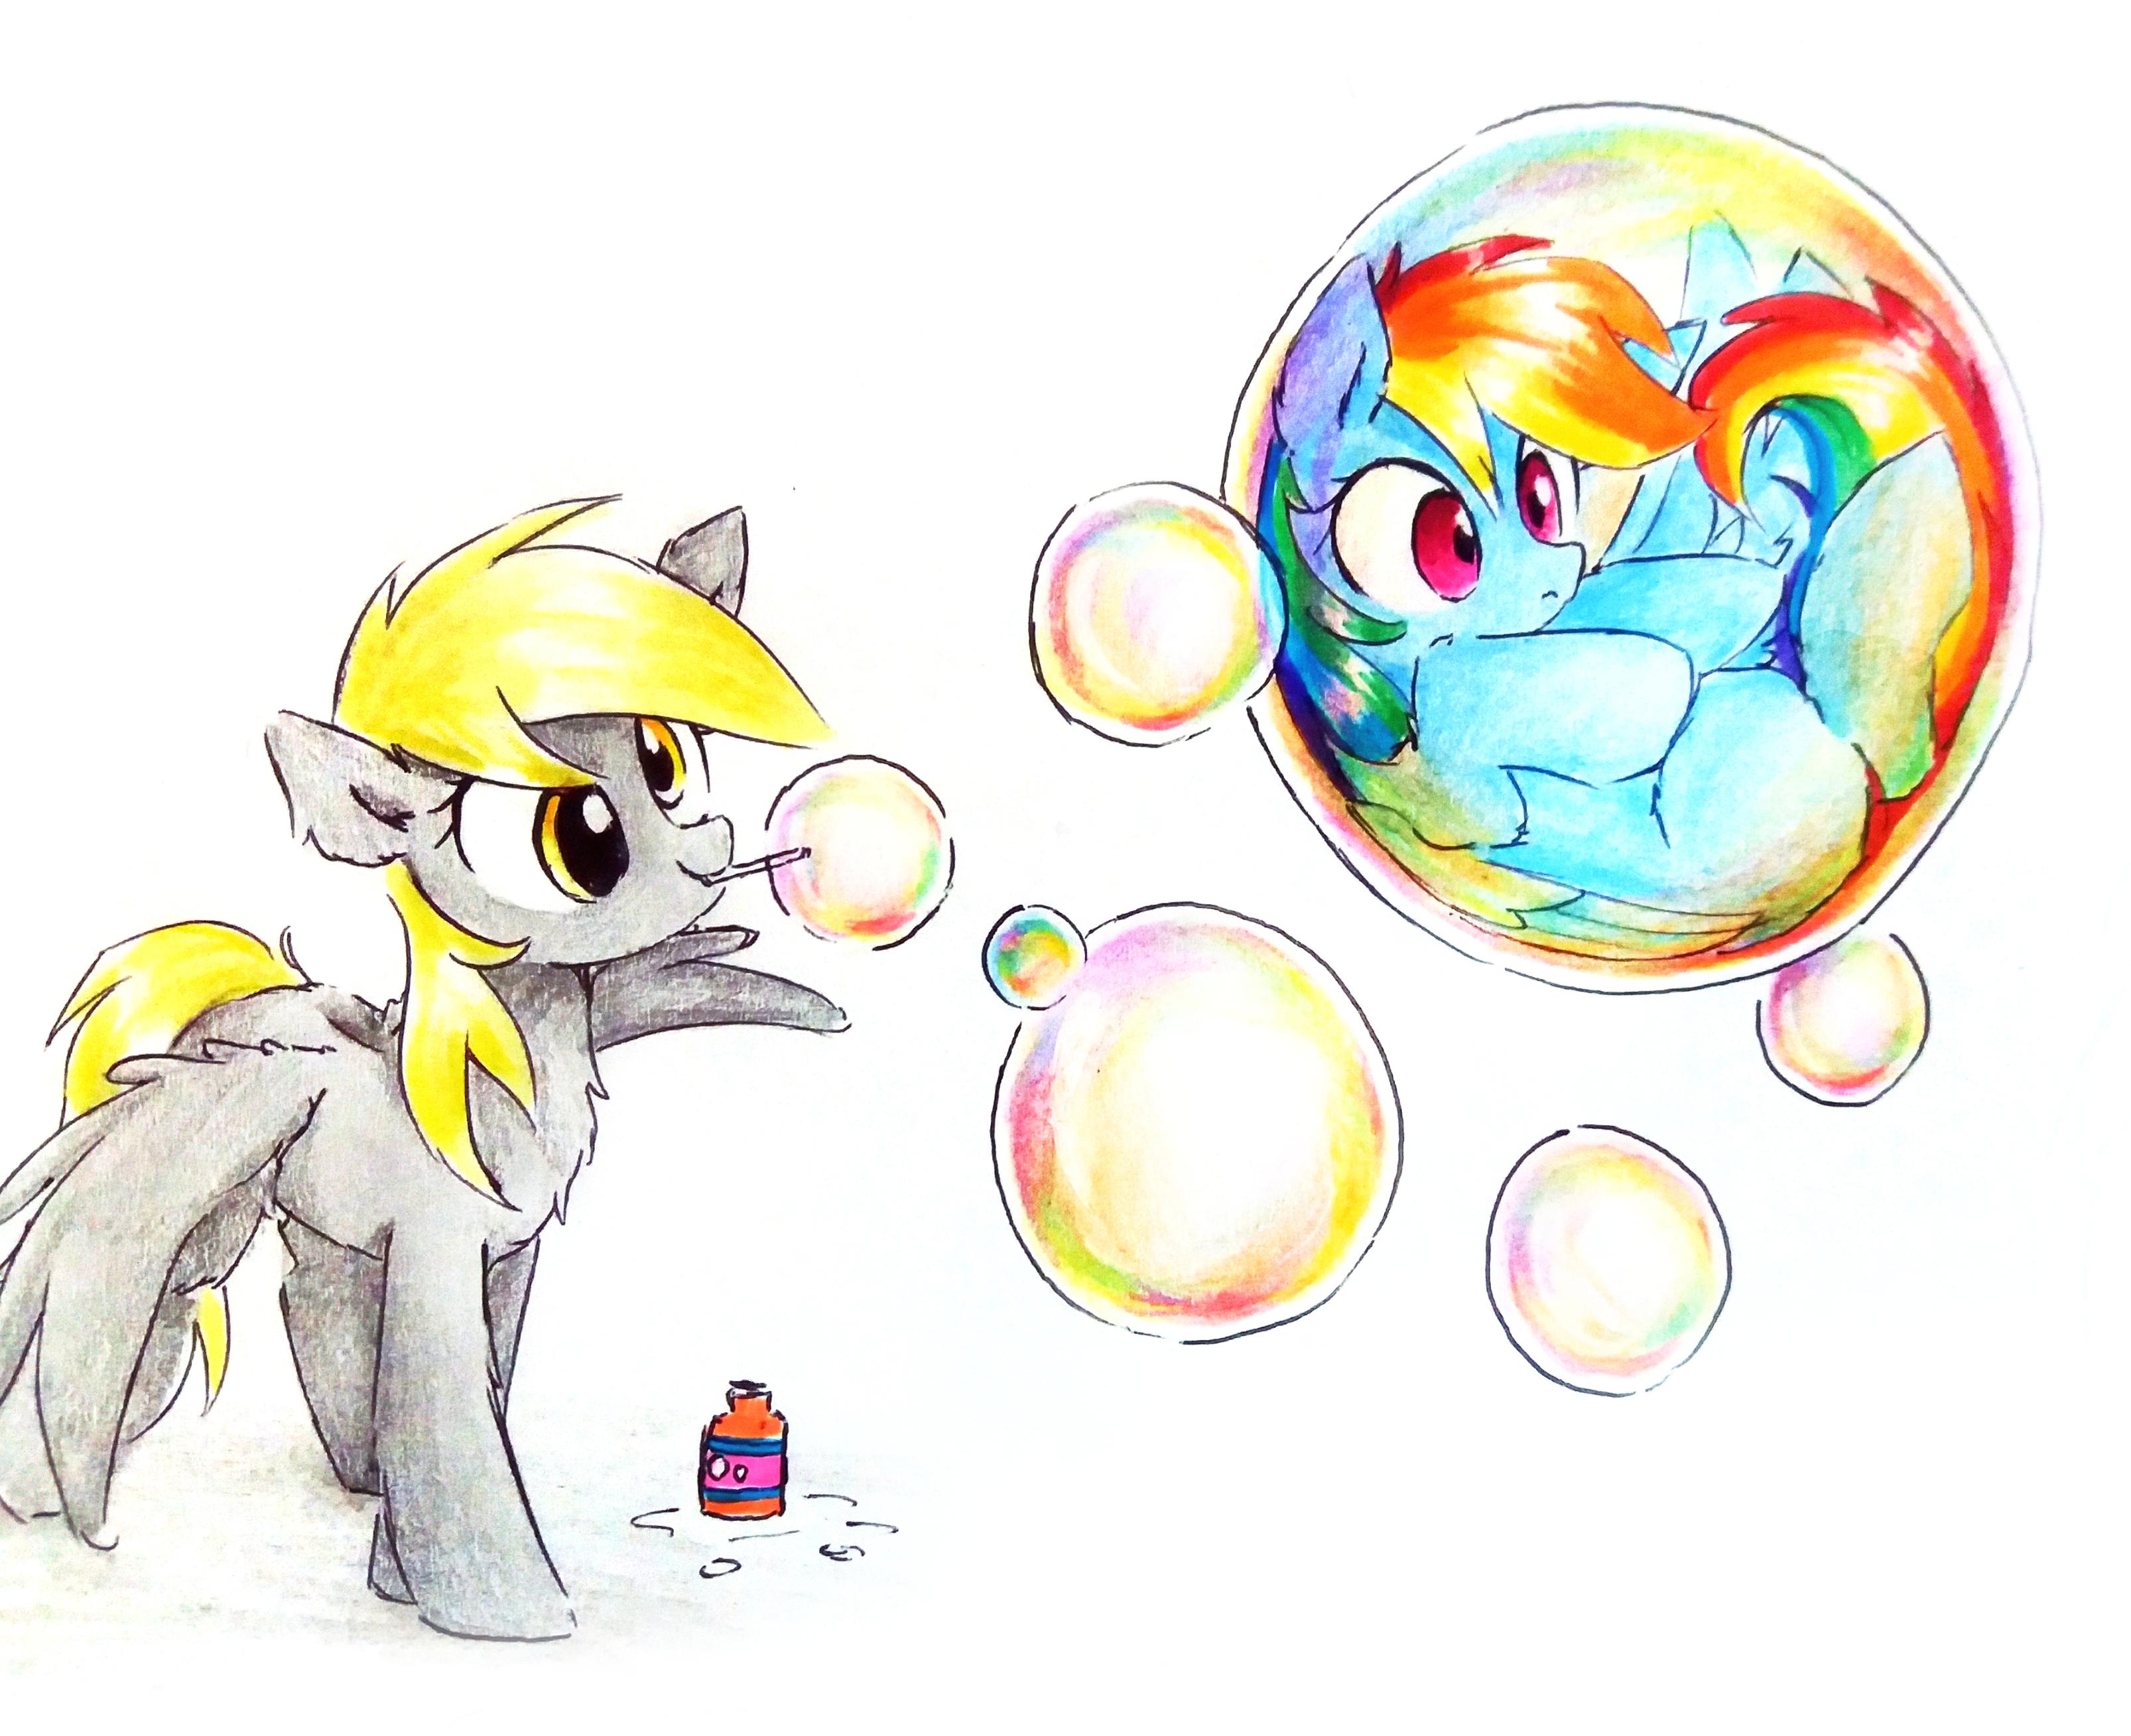 2623405__safe_artist-colon-liaaqila_derpy+hooves_rainbow+dash_pegasus_pony_blowing+bubbles_bubble_commission_cute_dashabetes_derpabetes_duo_female_in+bubble_mar.jpg